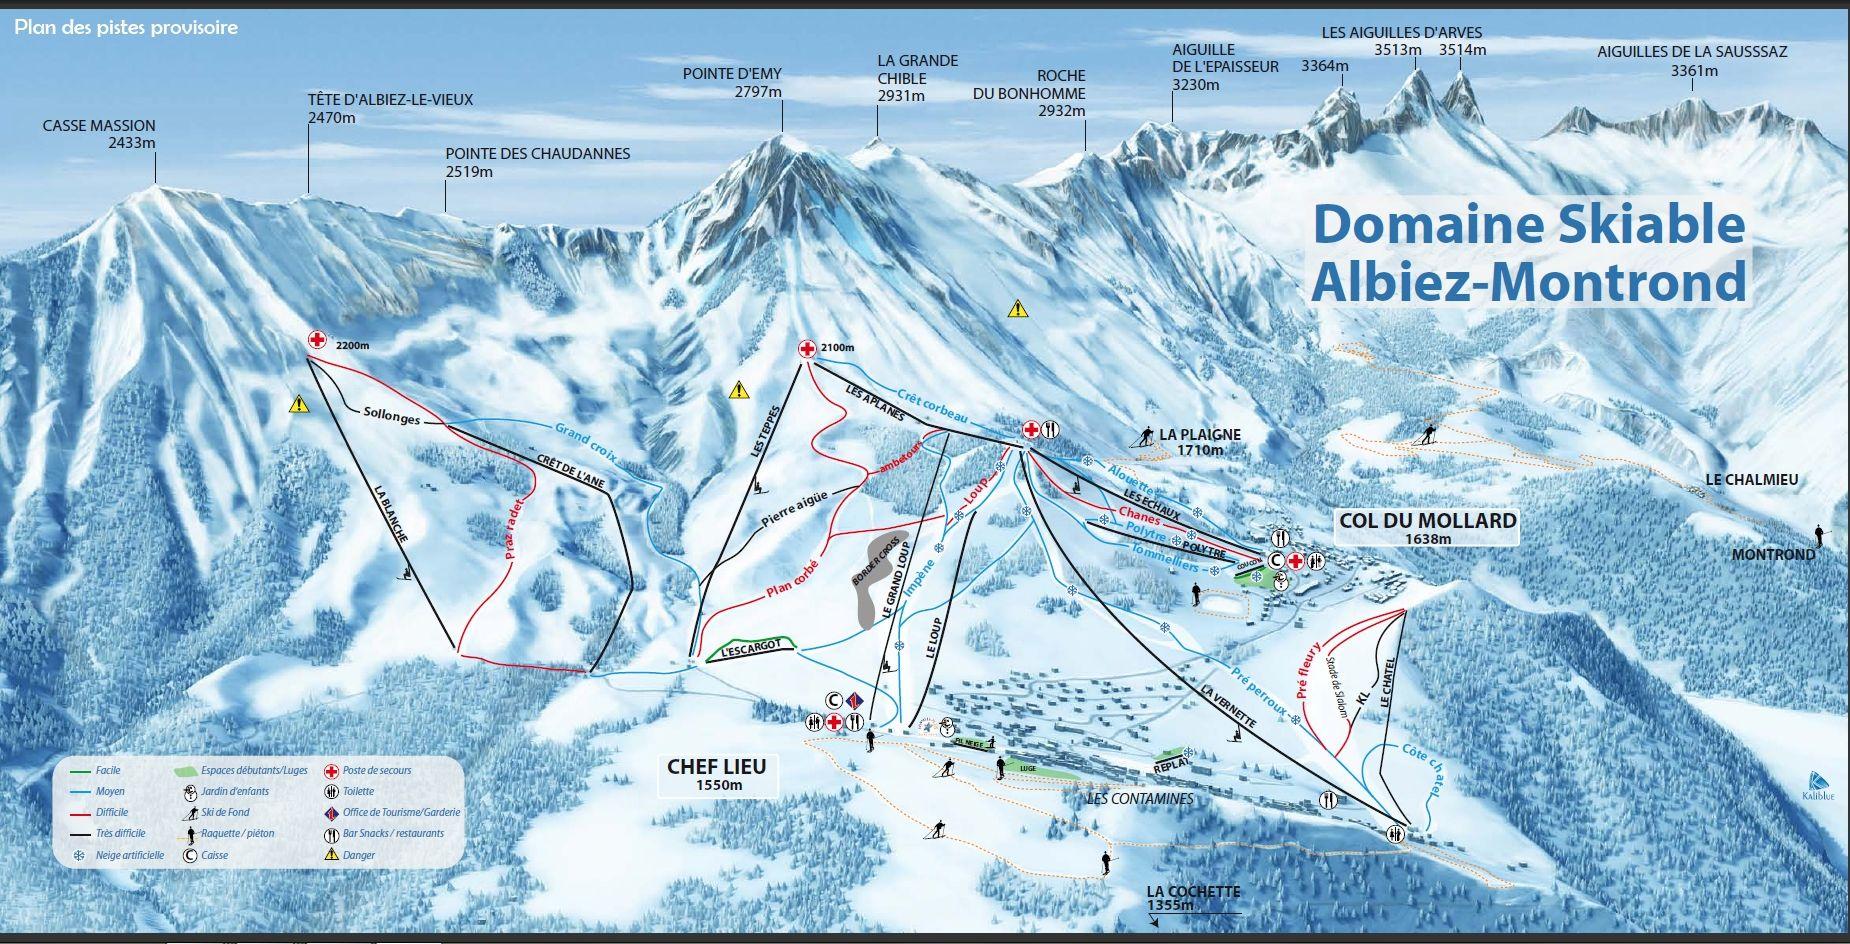 Les Albiez - Montrond